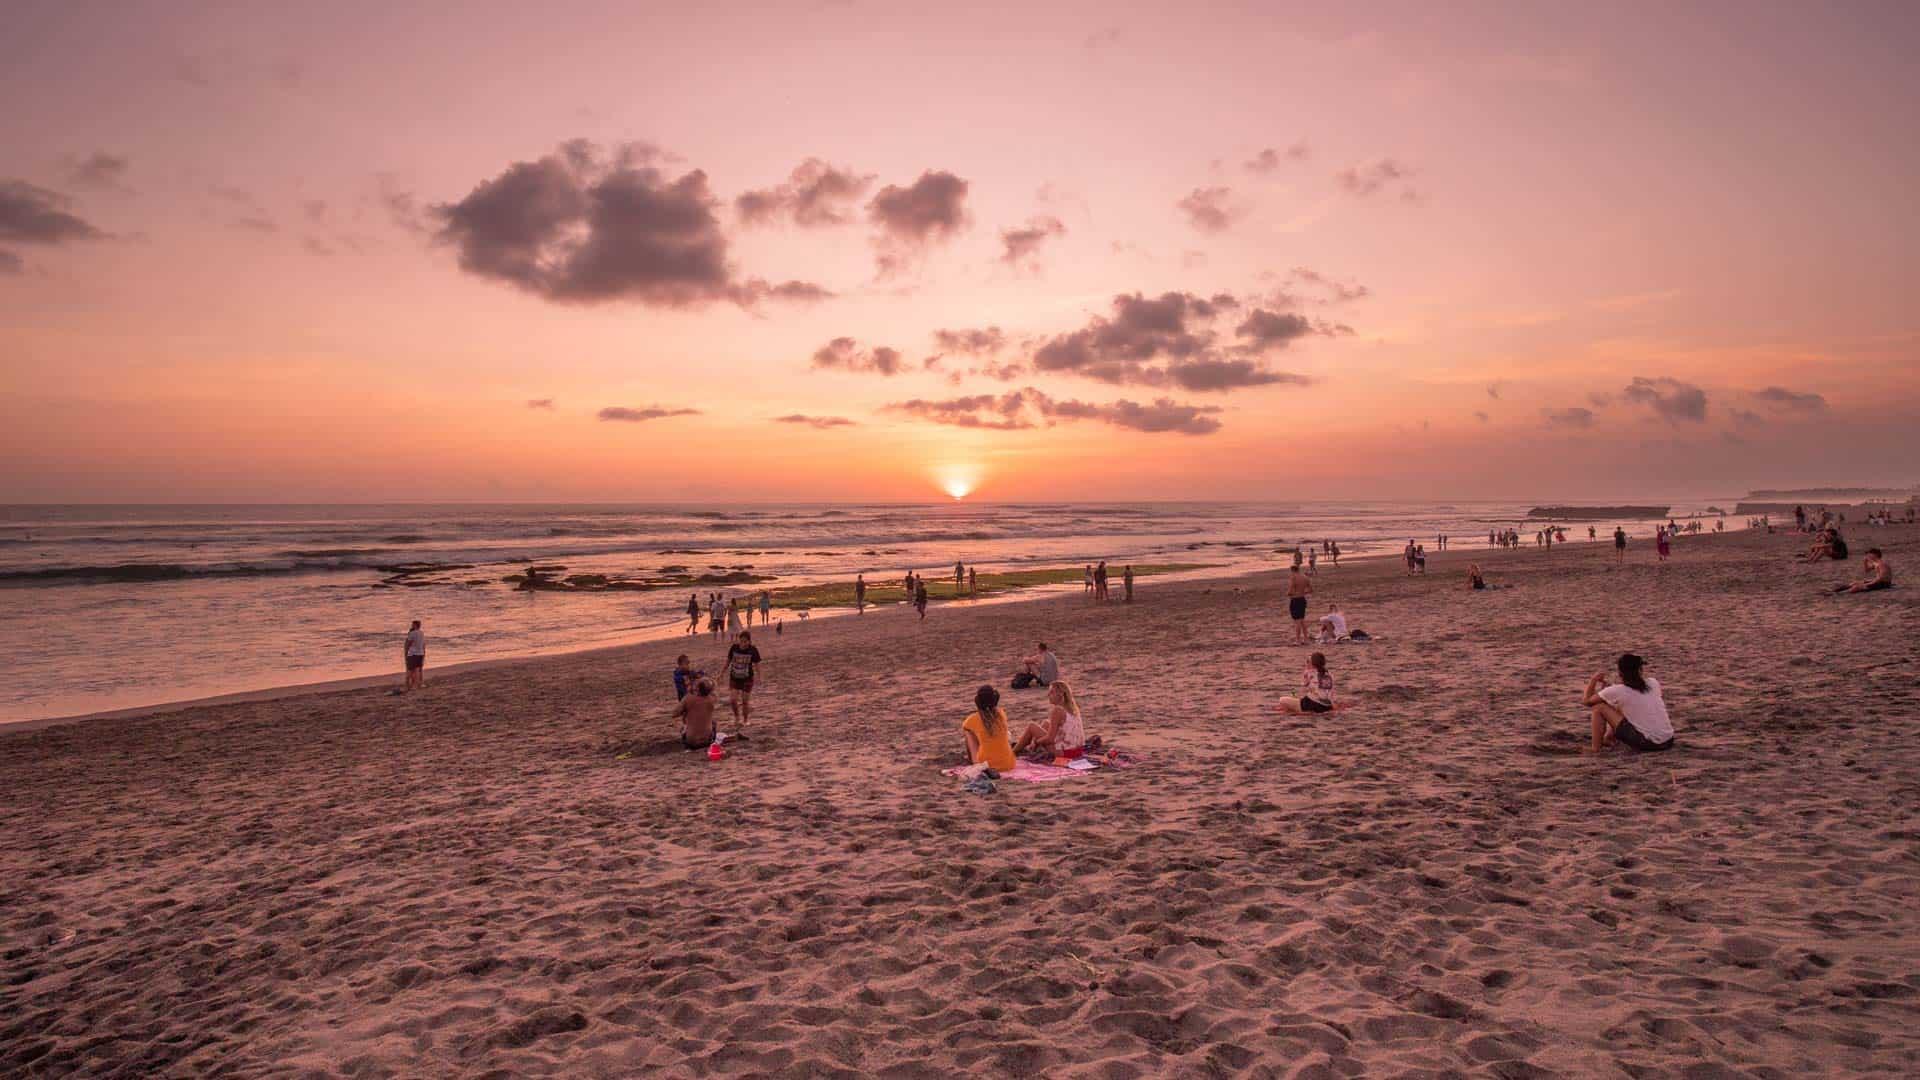 batu-bolong-beach-sunset-watching